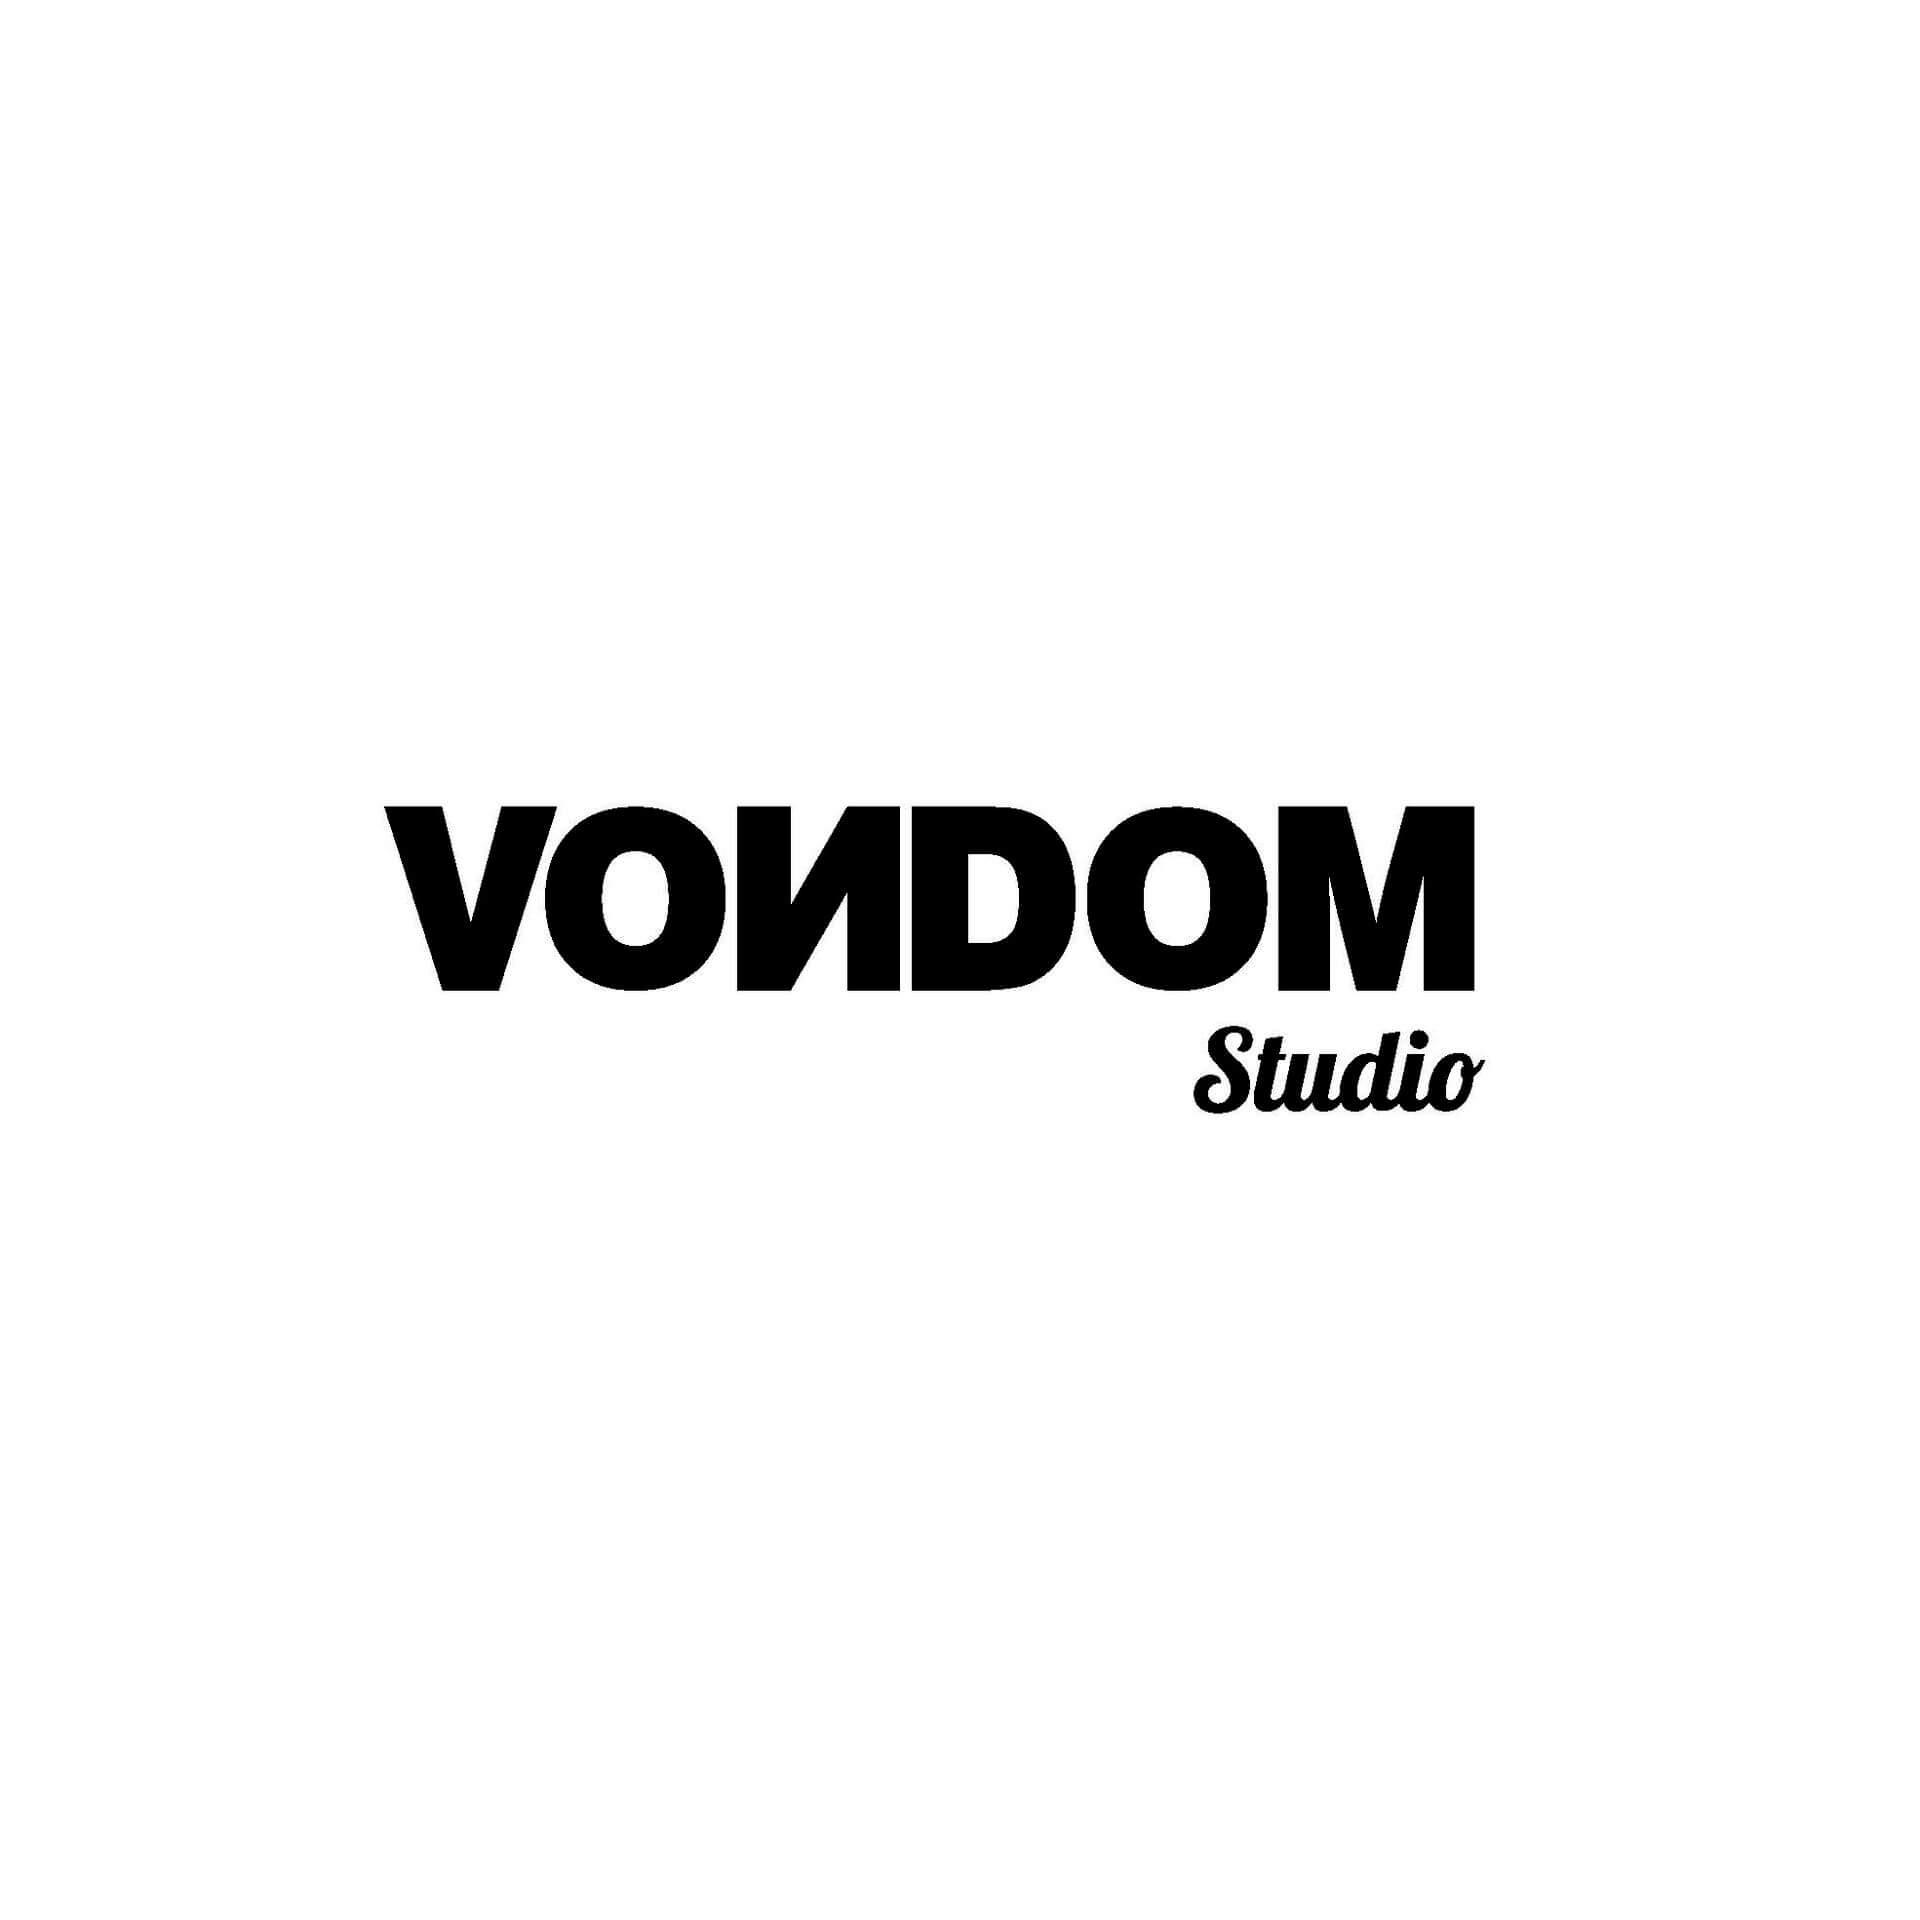 JCD VONDOM mobilier exterieur Page 01